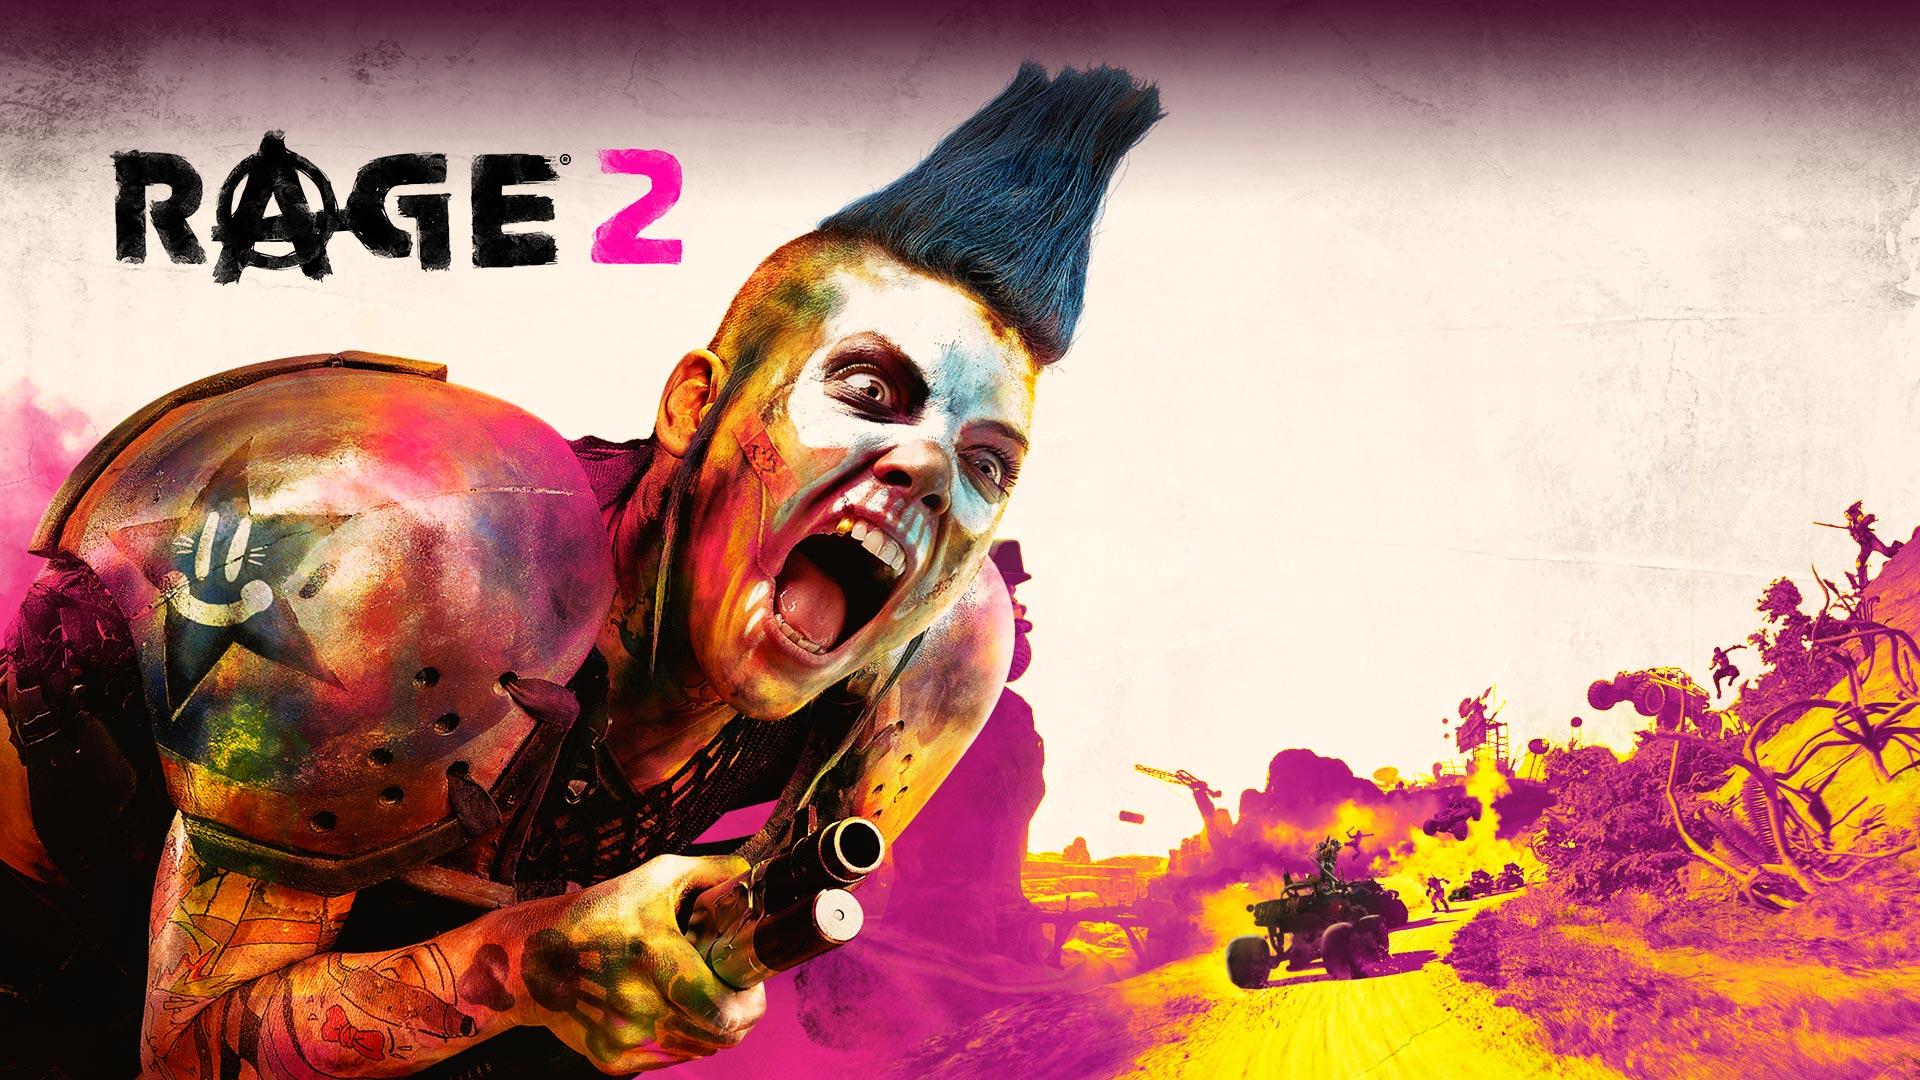 Rage2, Gros plan sur un membre de gang dément qui crie tandis qu'une bataille se déroule en arrière-plan.